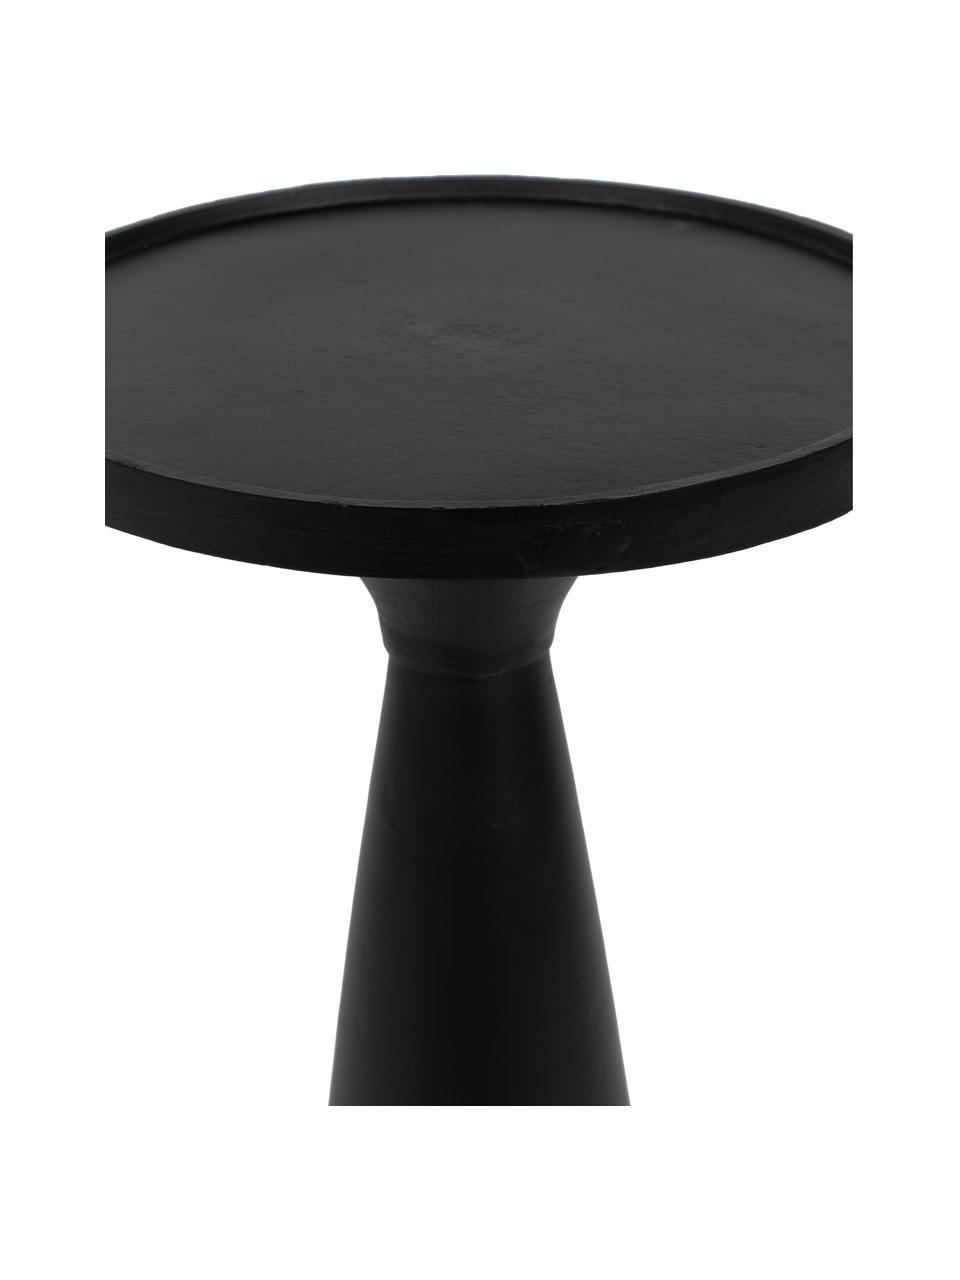 Moderner Beistelltisch Floss in Schwarz, Aluminium, pulverbeschichtet, Schwarz, matt, Ø 28 x H 56 cm